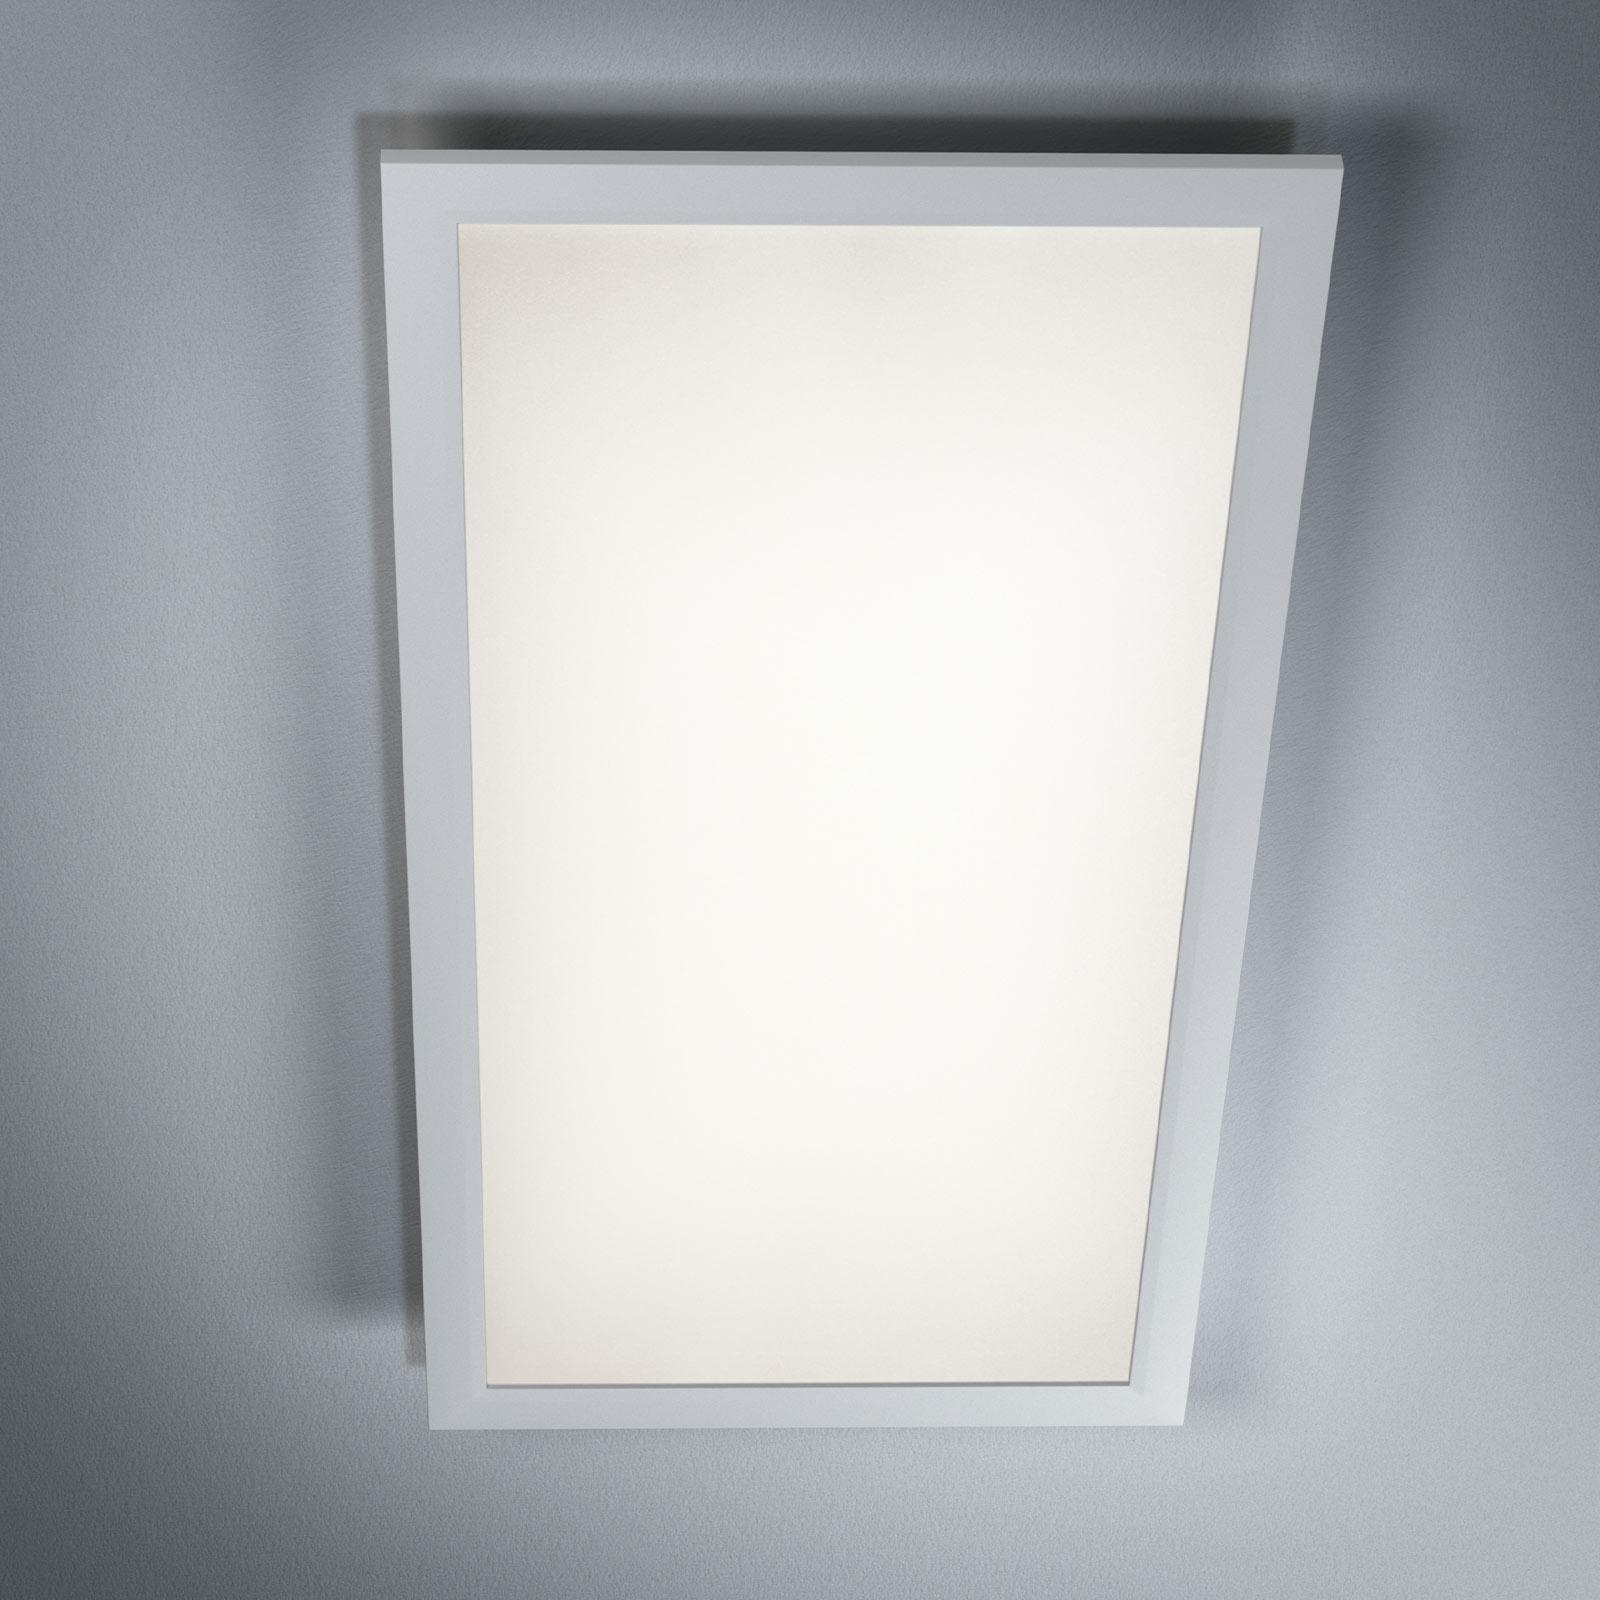 LEDVANCE Planon Pure panneau LED 60x30cm 830 15W